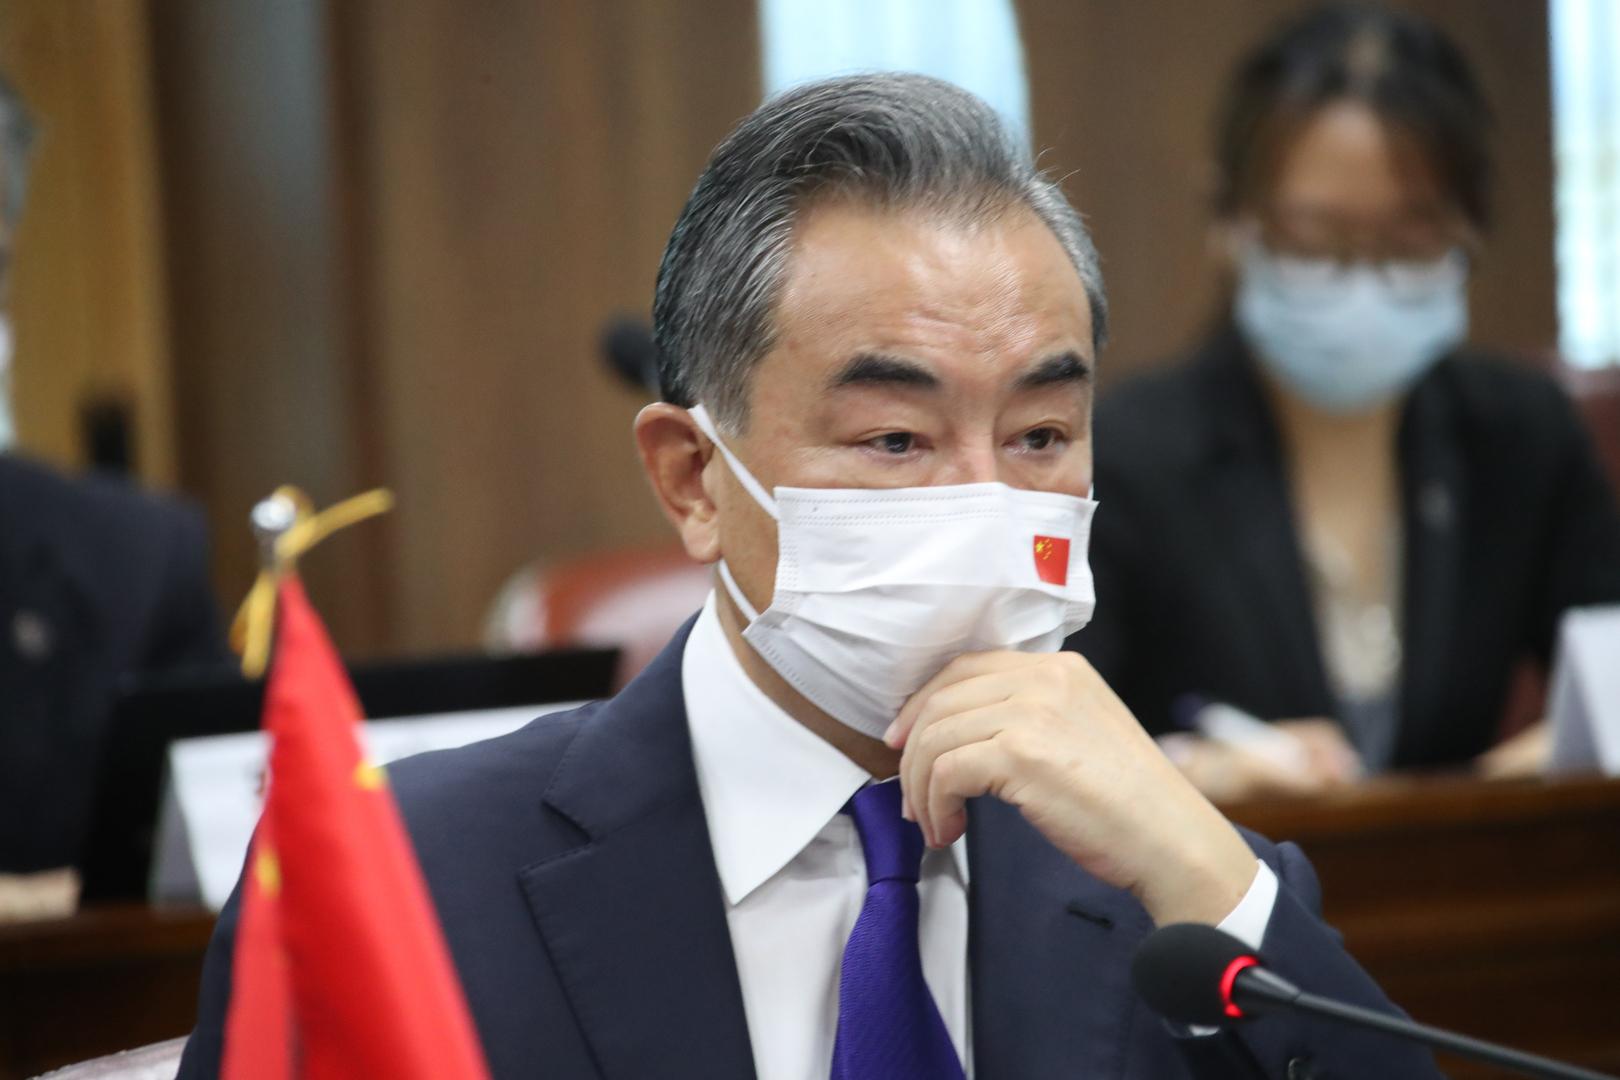 الصين: على الولايات المتحدة أن تتحمل المسؤولية عن إعادة إعمار أفغانستان